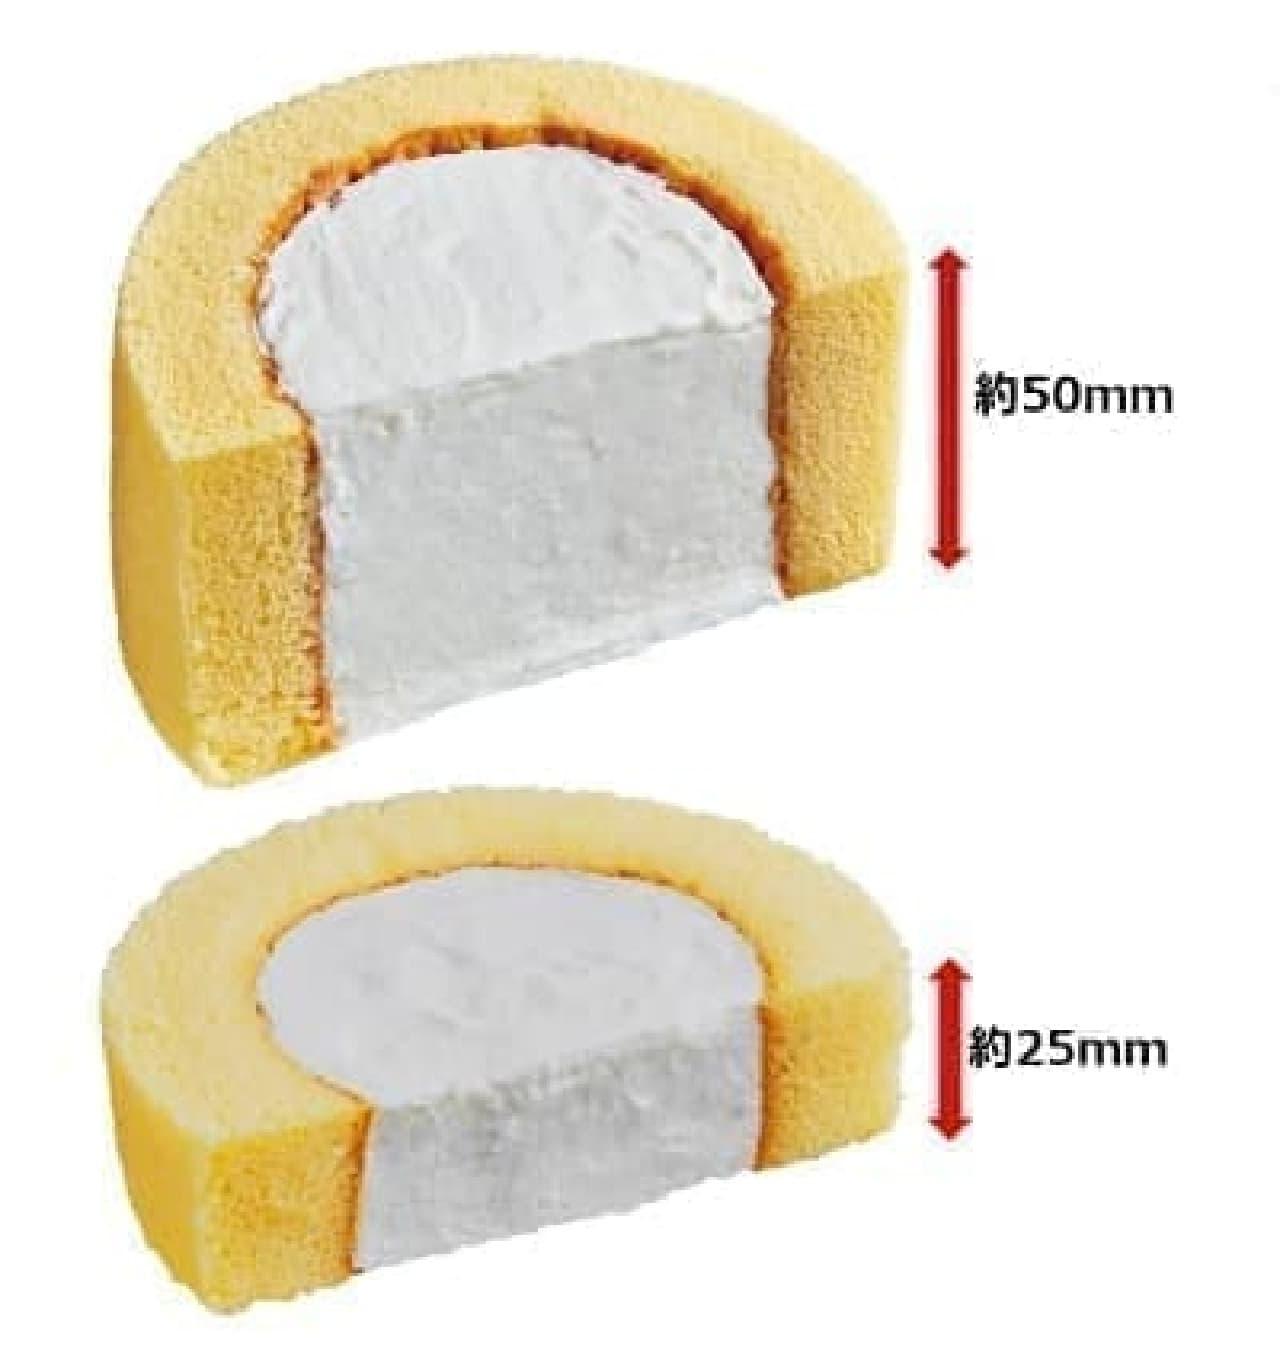 ローソン「プレミアムロールケーキ×2」と「プレミアムロールケーキ」